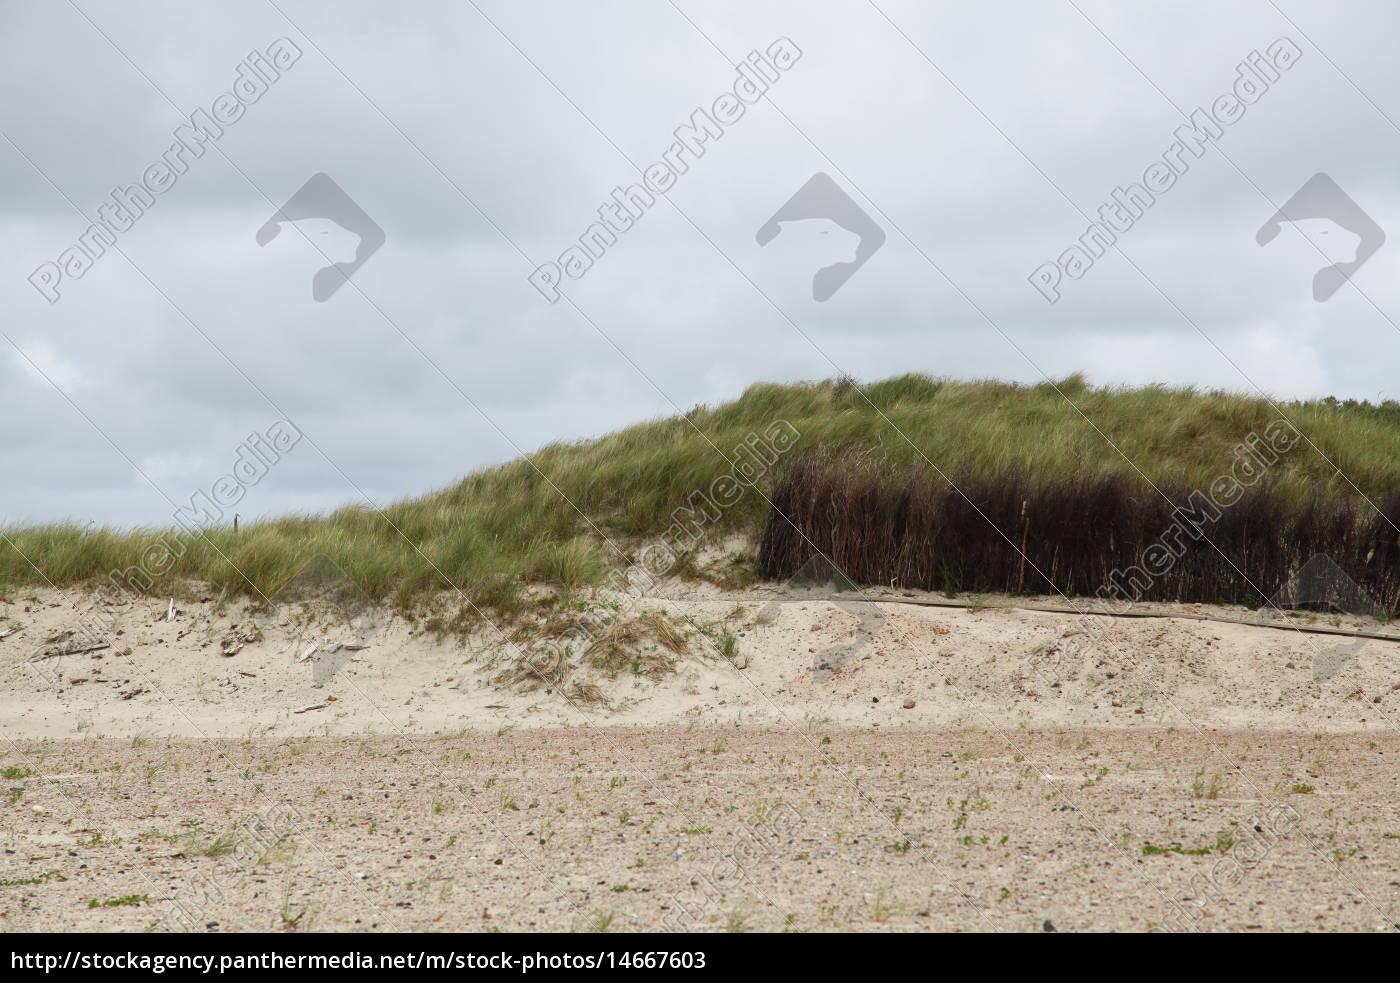 przyroda, środowisko, urlop, urlop wypoczynkowy, święto, wakacje - 14667603